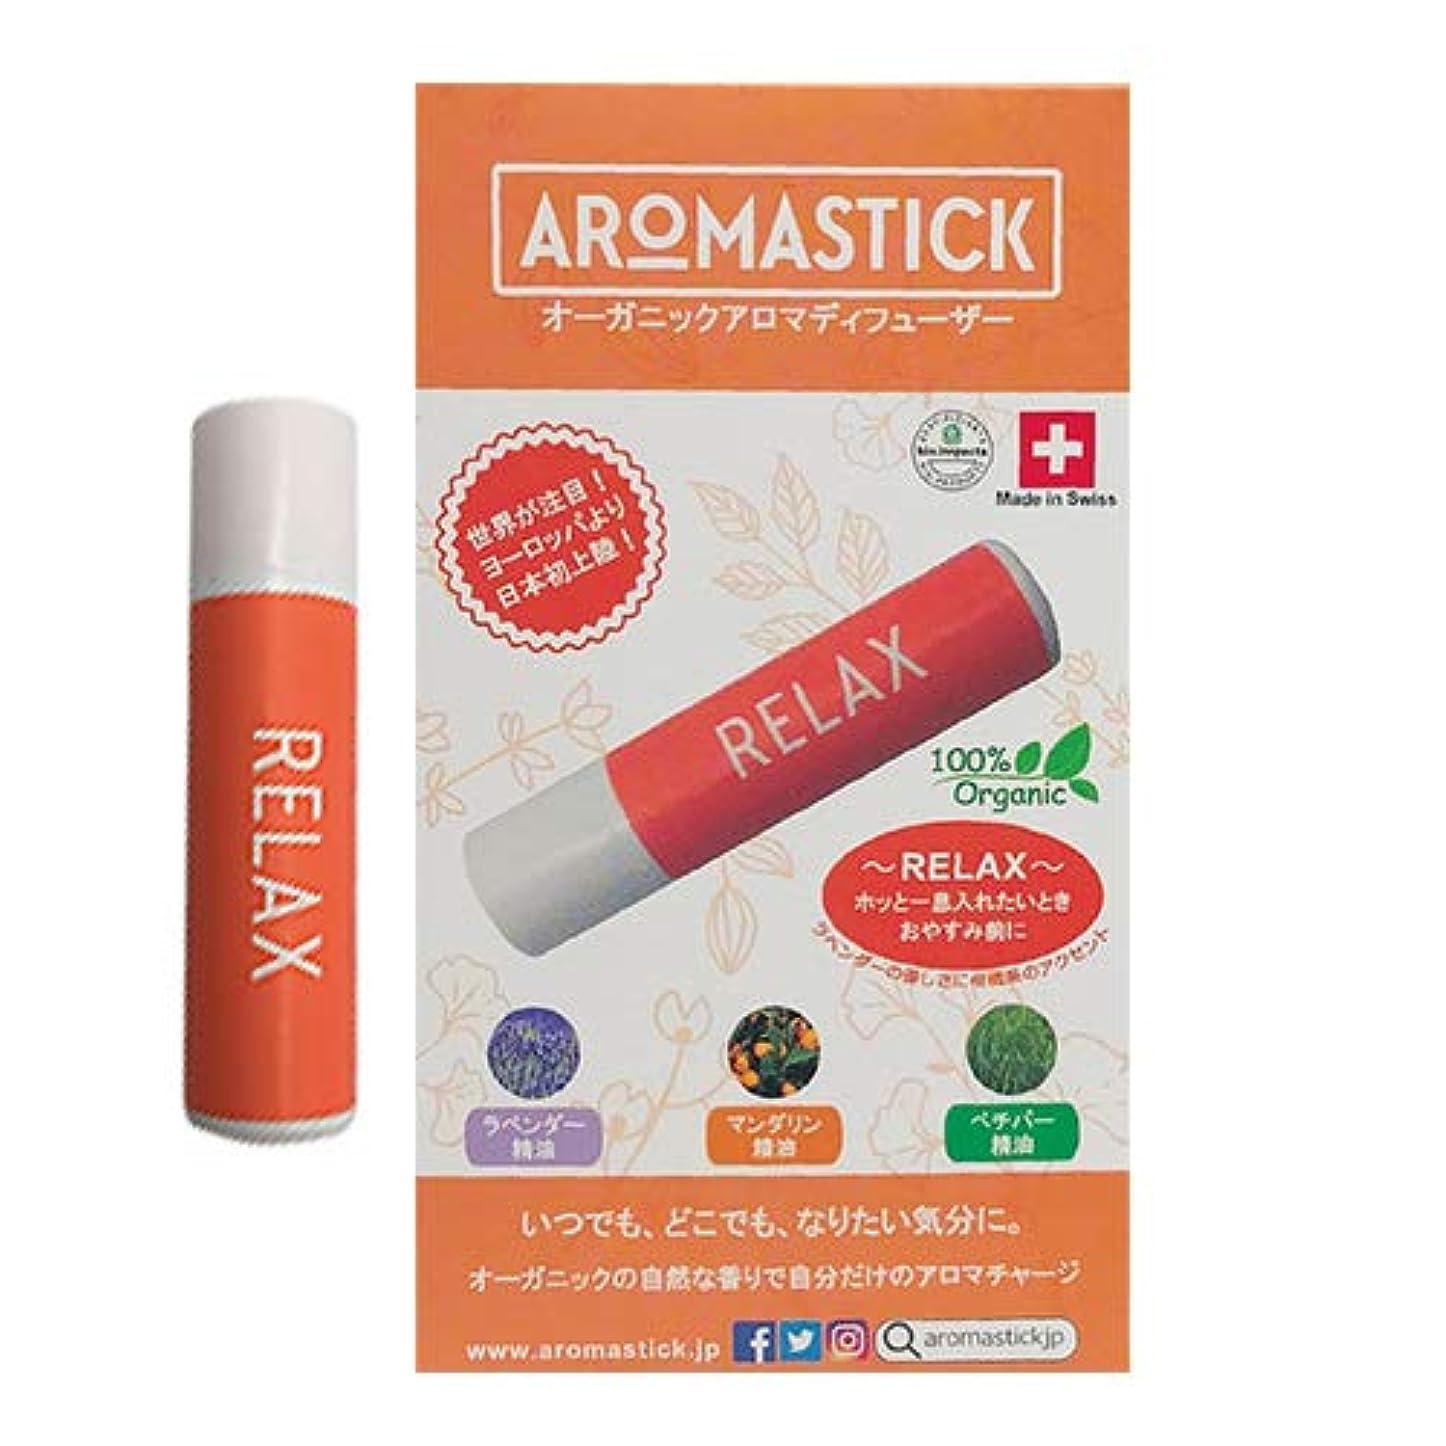 発信熱帯のボンドオーガニックアロマディフューザー アロマスティック(aromastick) リラックス [RELAX] ×3個セット